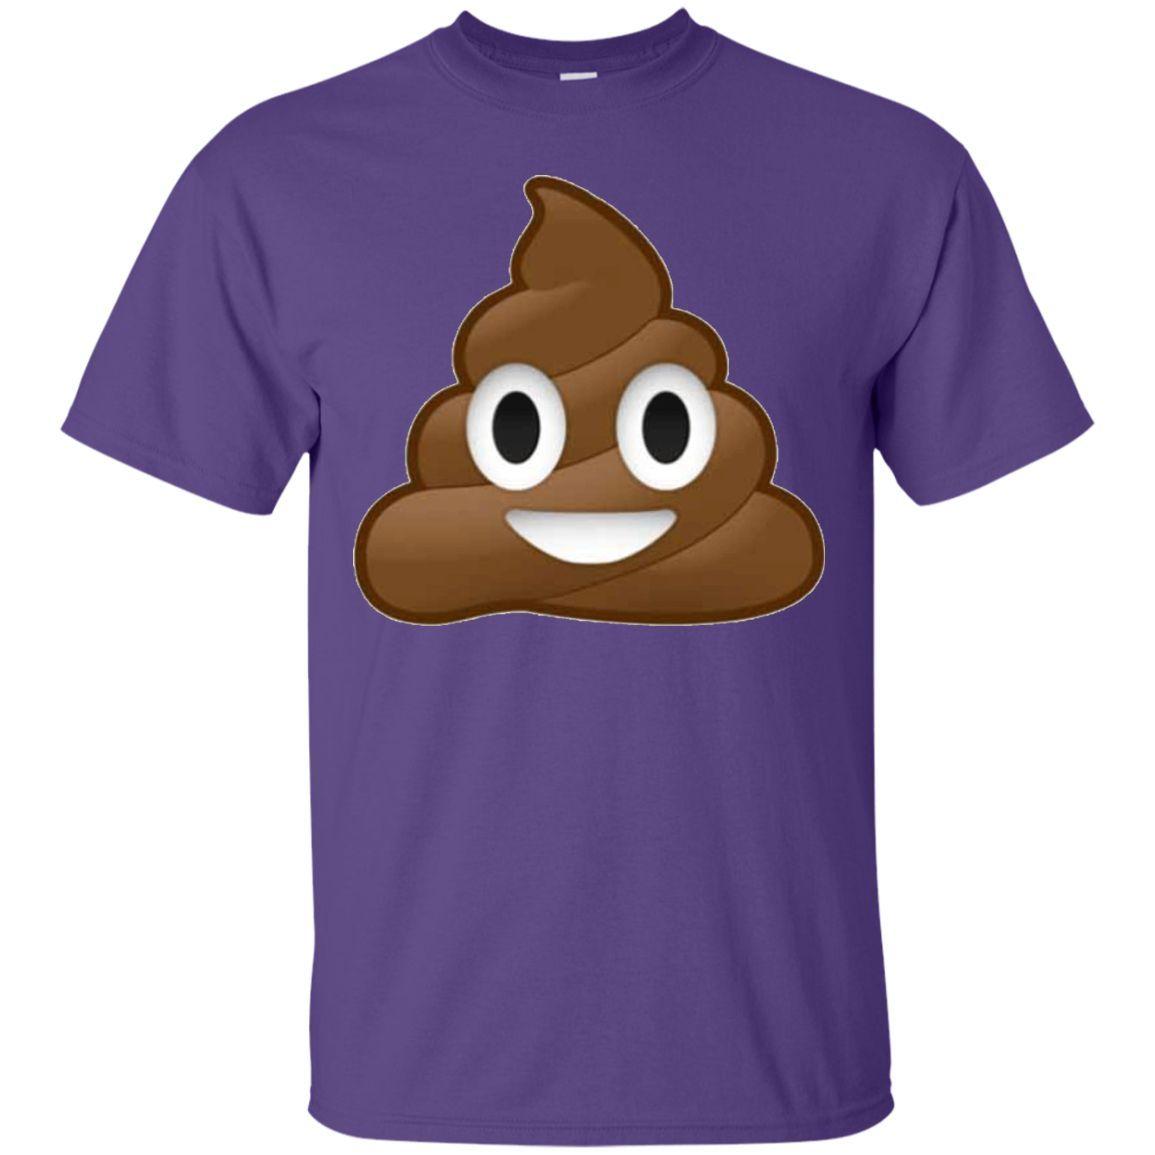 Emoji Poop ~ Novelty Funny or Men Women Kids T-Shirt